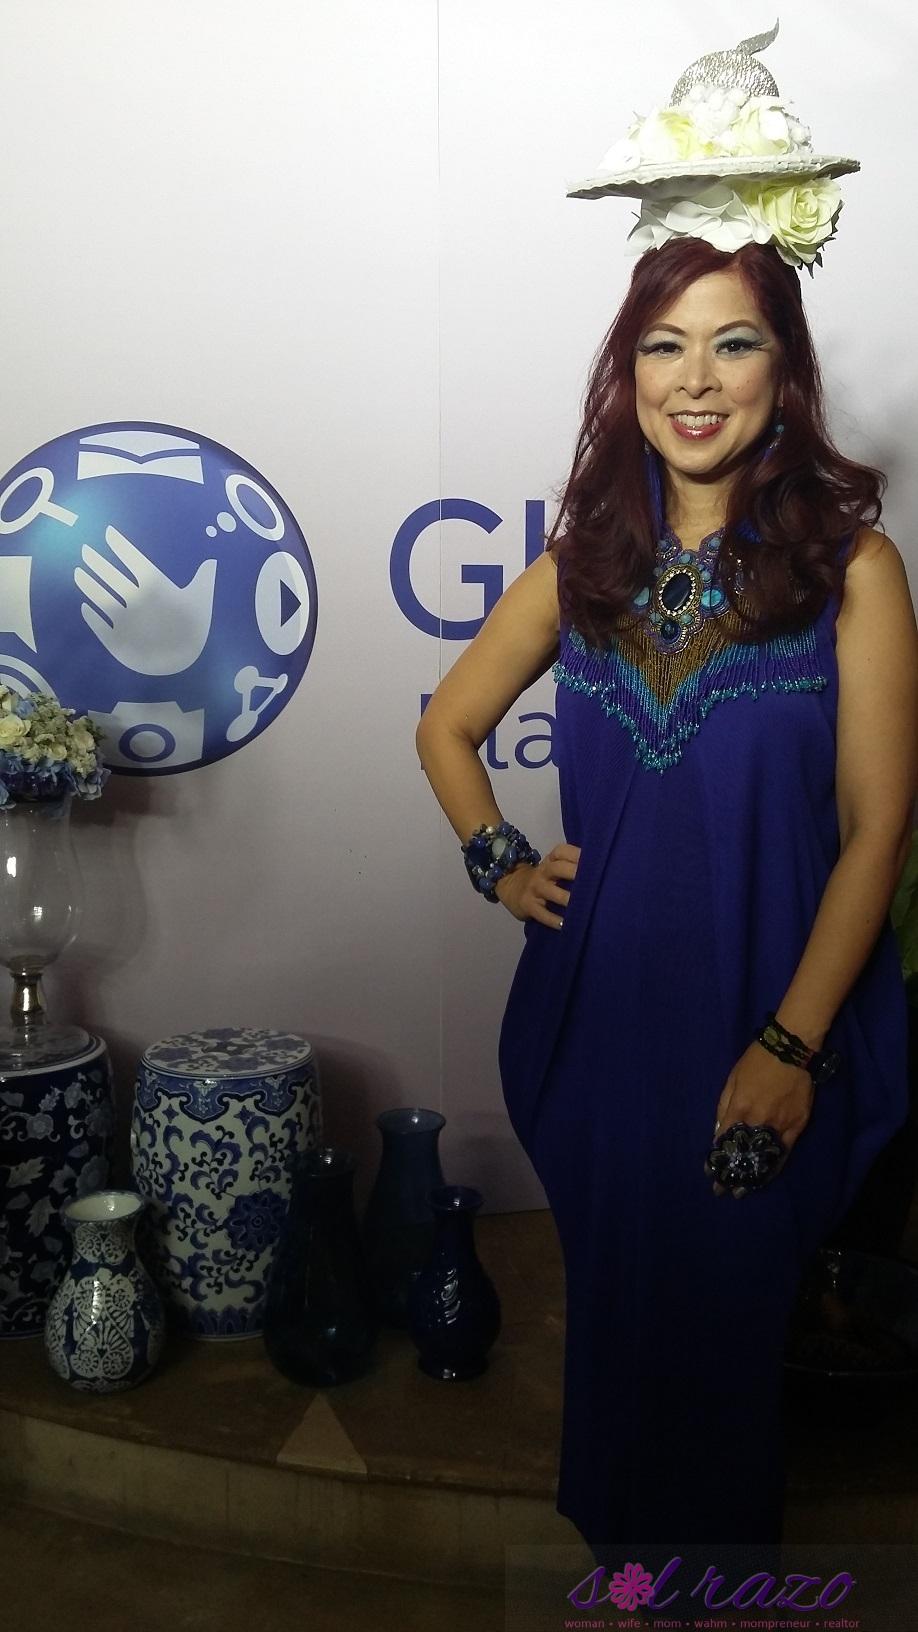 Tessa Prieto-Valdes